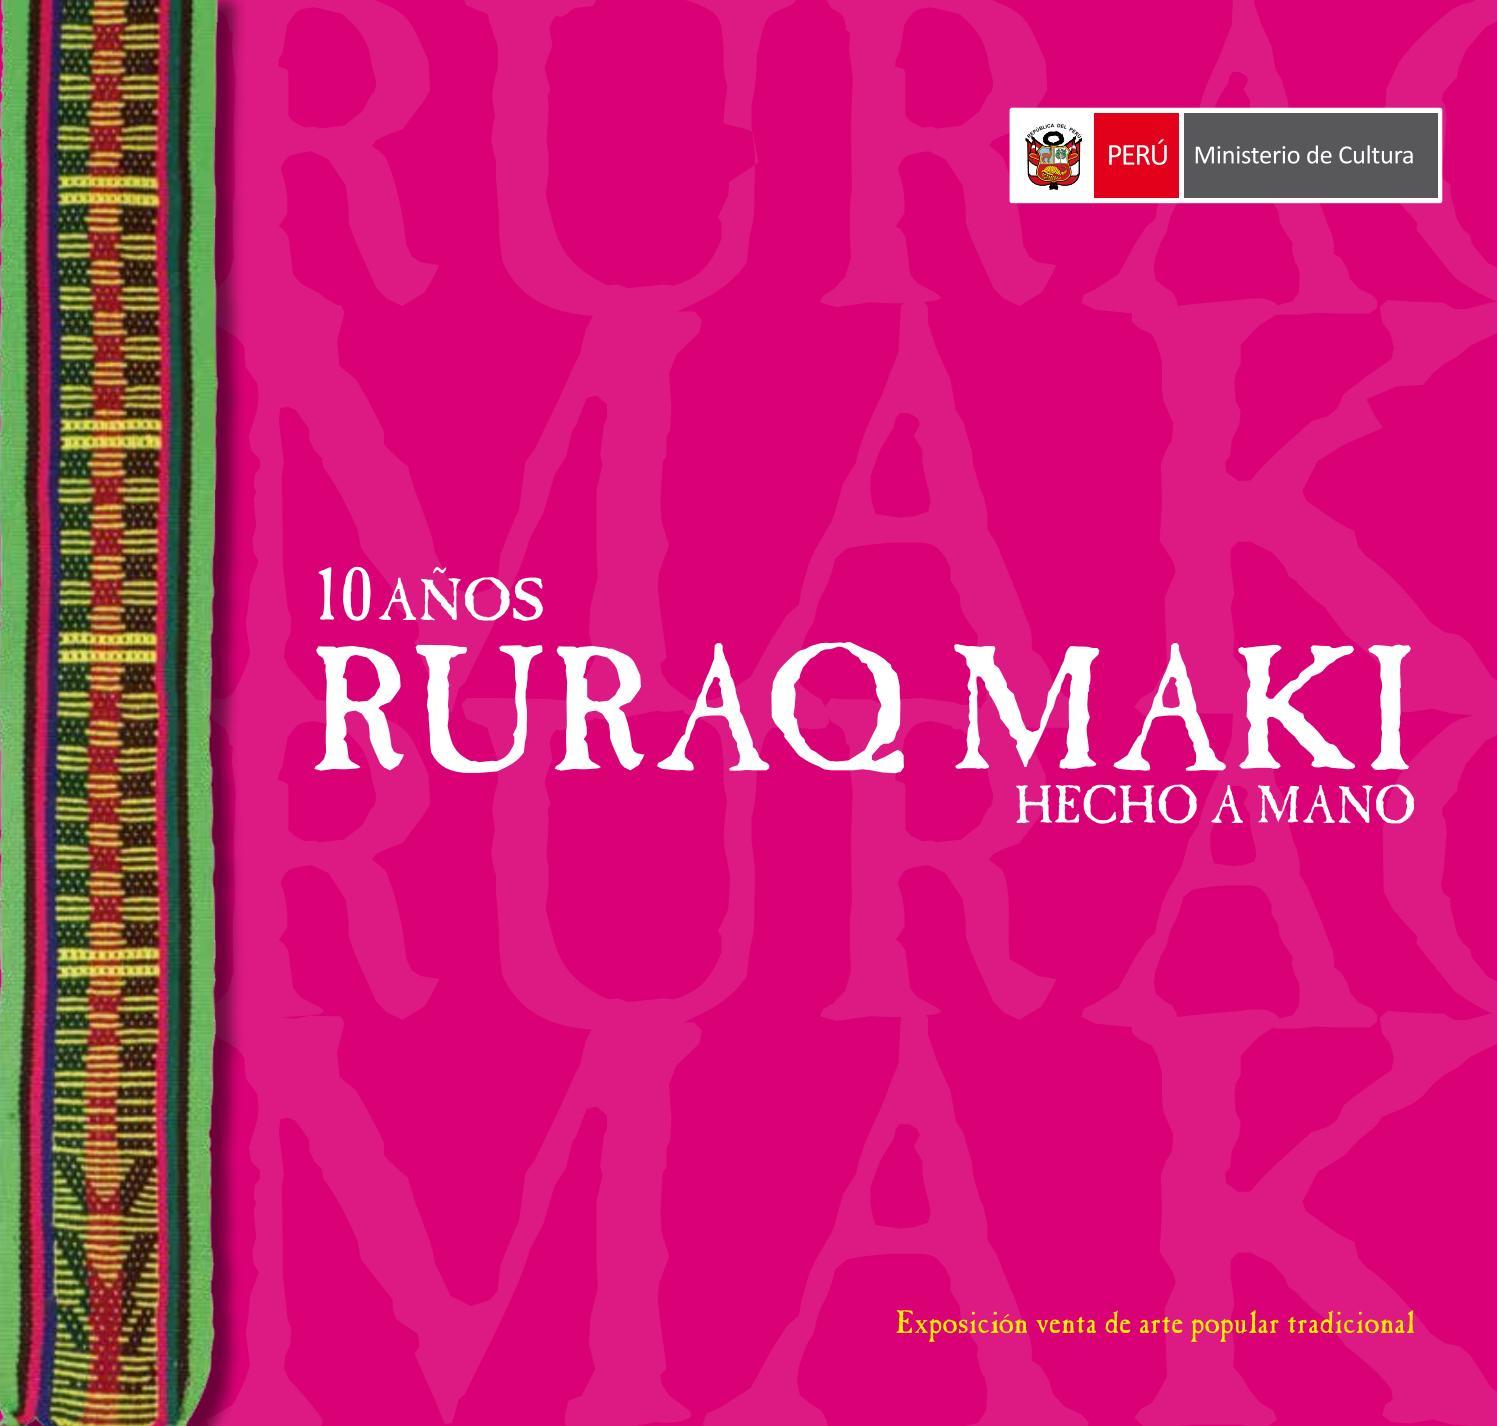 Catalogo Ruraq Maki 2016 by Ministerio de Cultura - issuu